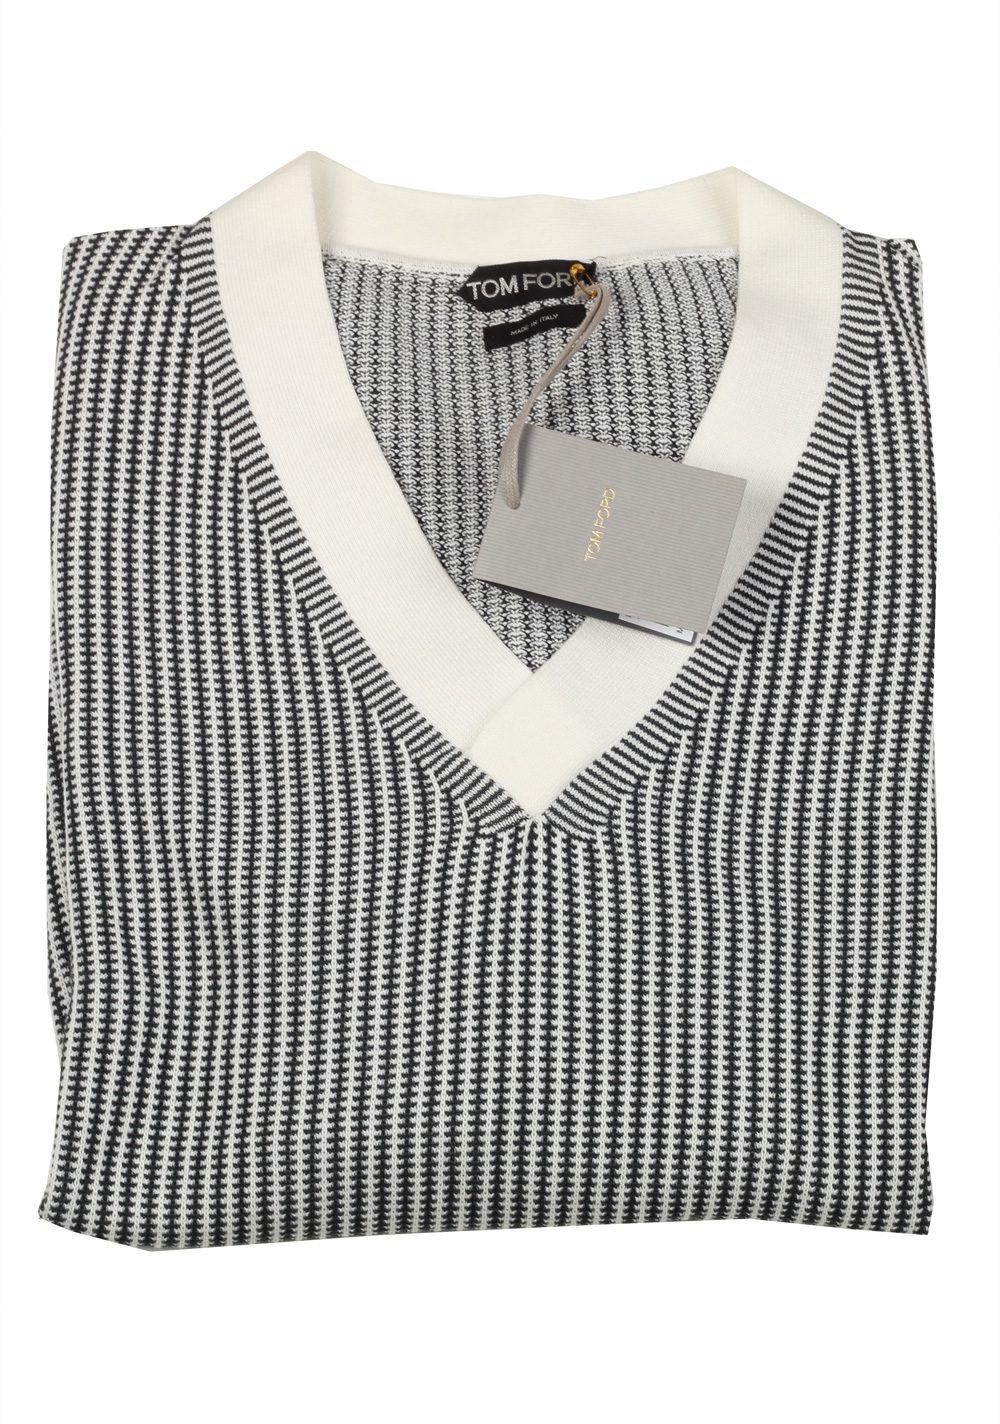 tom ford black white v neck pullover sweater size 54 44r. Black Bedroom Furniture Sets. Home Design Ideas